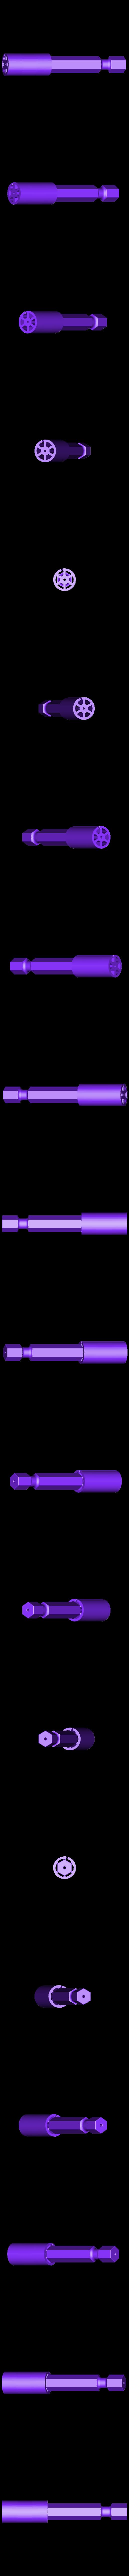 barrel_sander.stl Download free STL file Nerf Barrel Sander • Model to 3D print, Thomllama